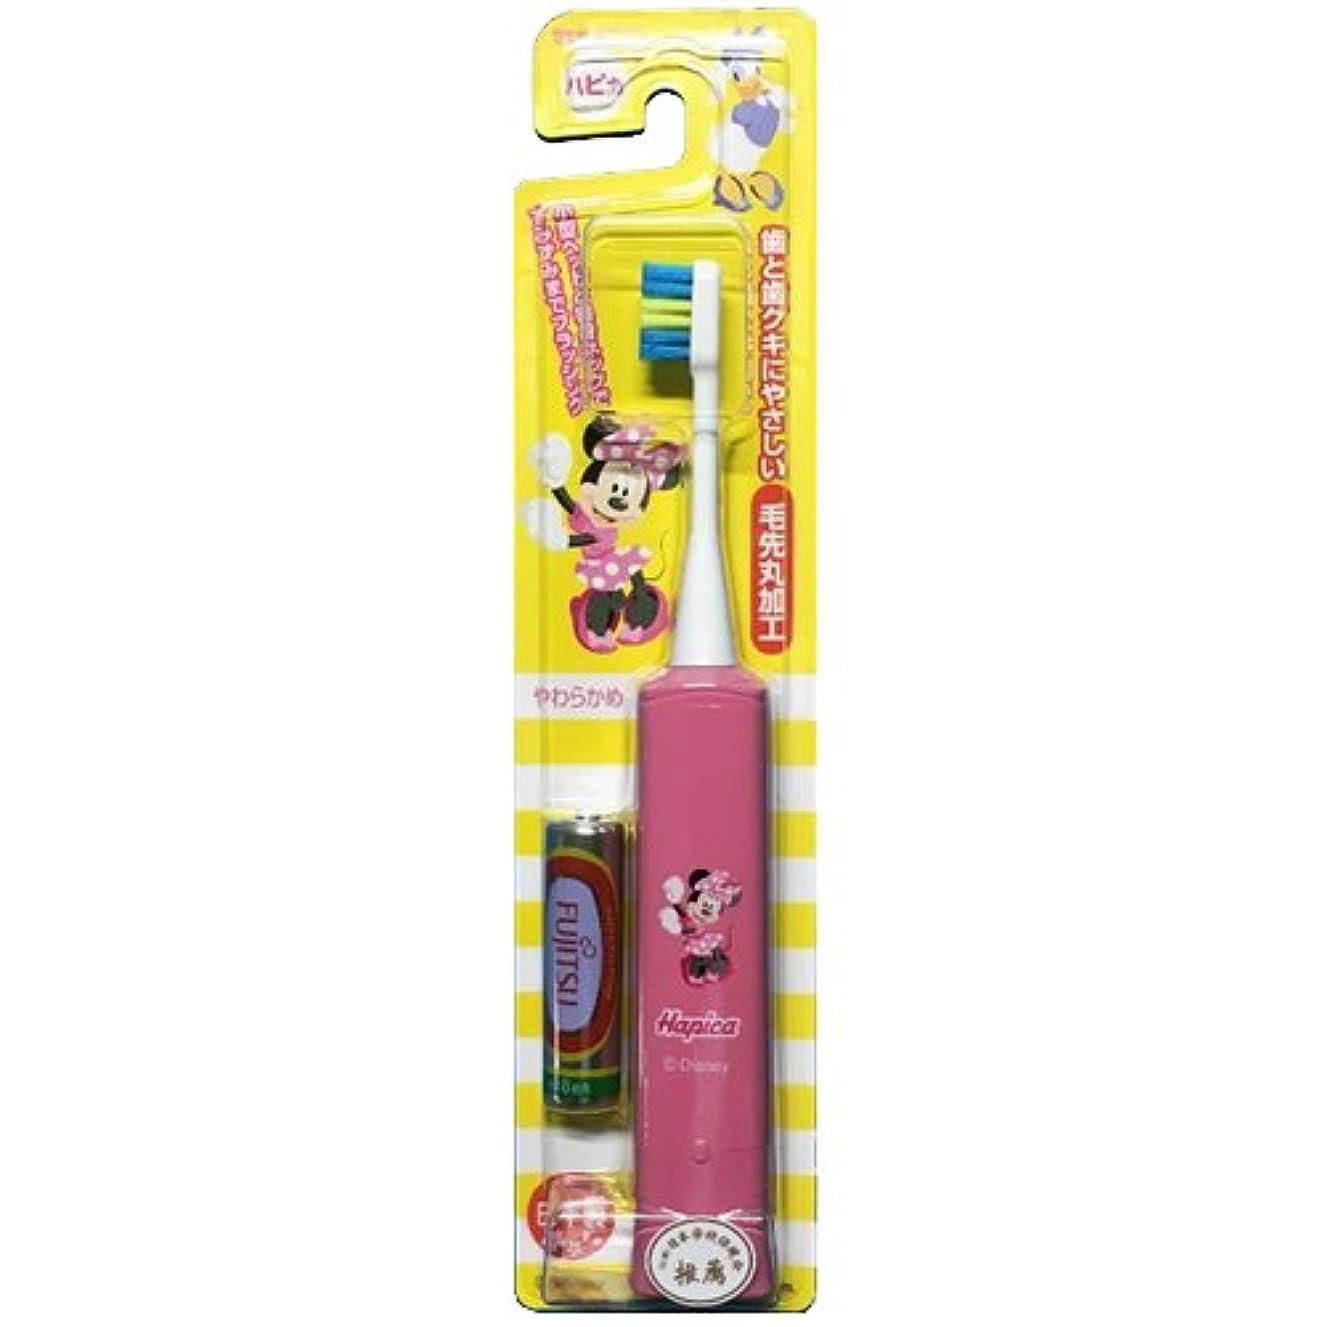 ピンクカビ彼女のミニマム 電動付歯ブラシ こどもハピカ ミニー(ピンク) 毛の硬さ:やわらかめ DBK-5P(MK)